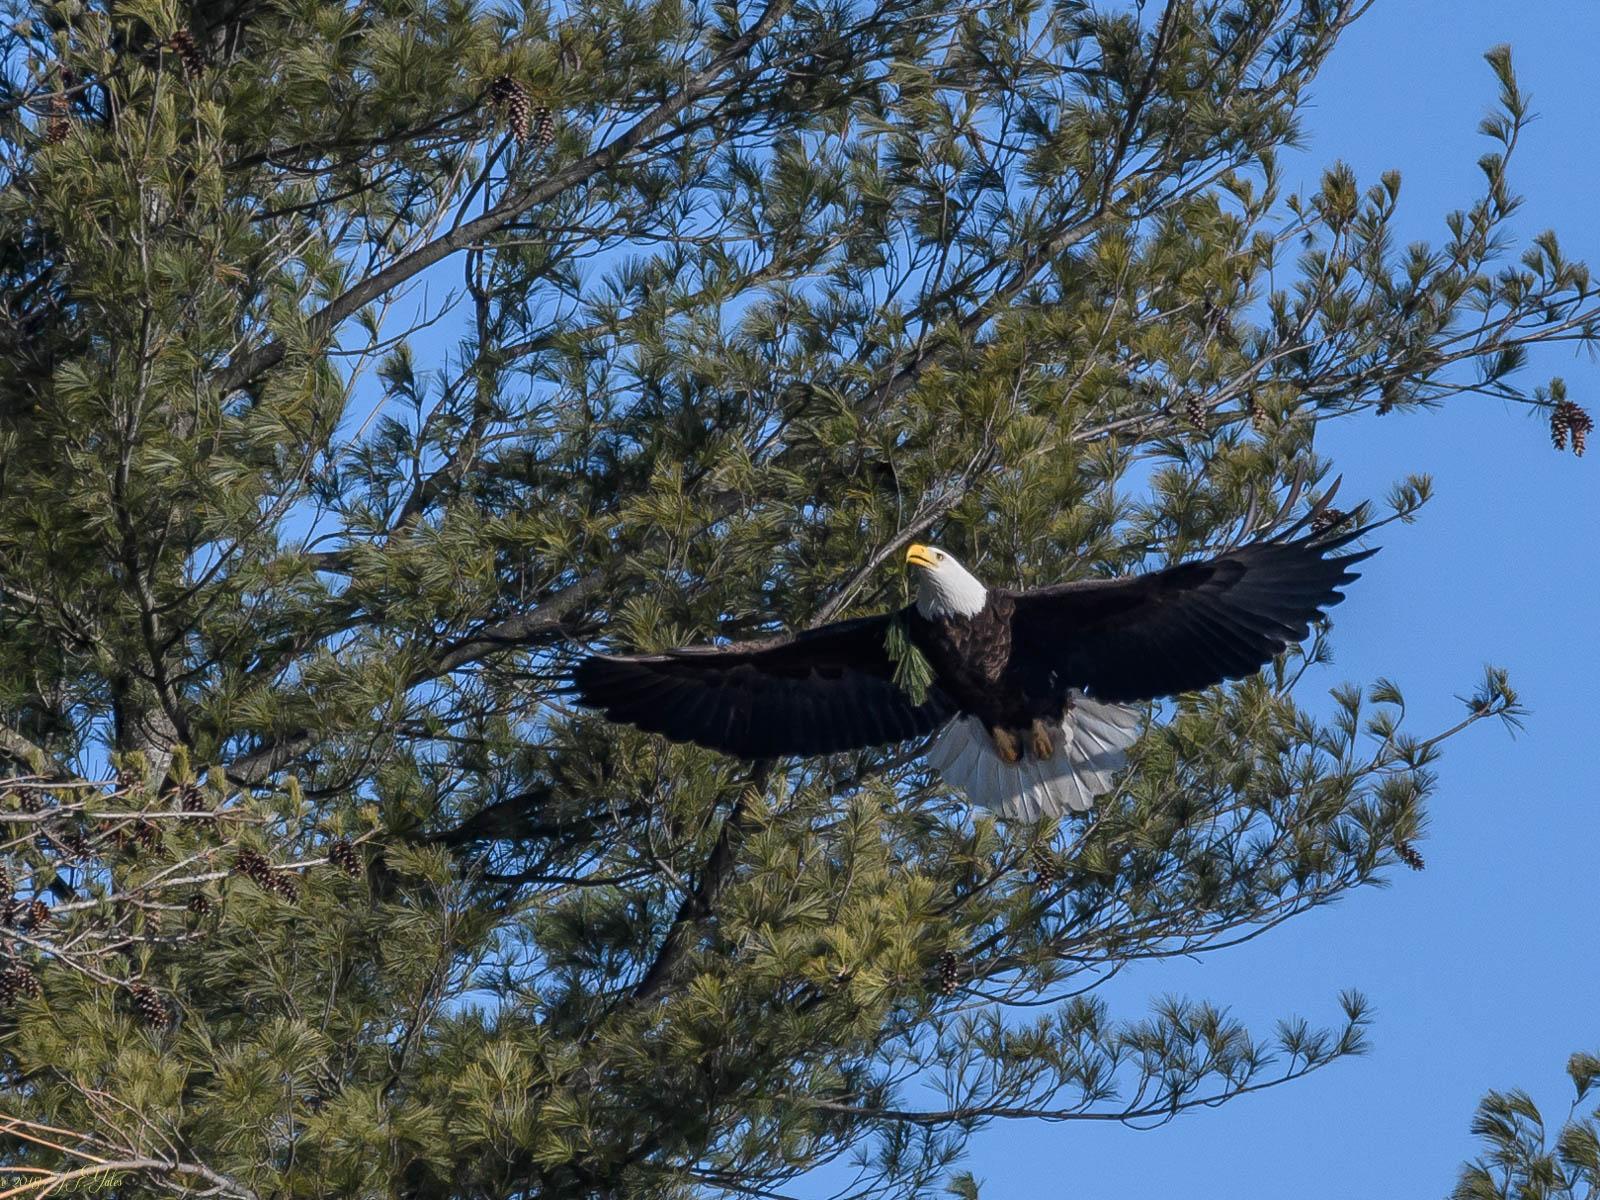 Bald Eagle with pine twig